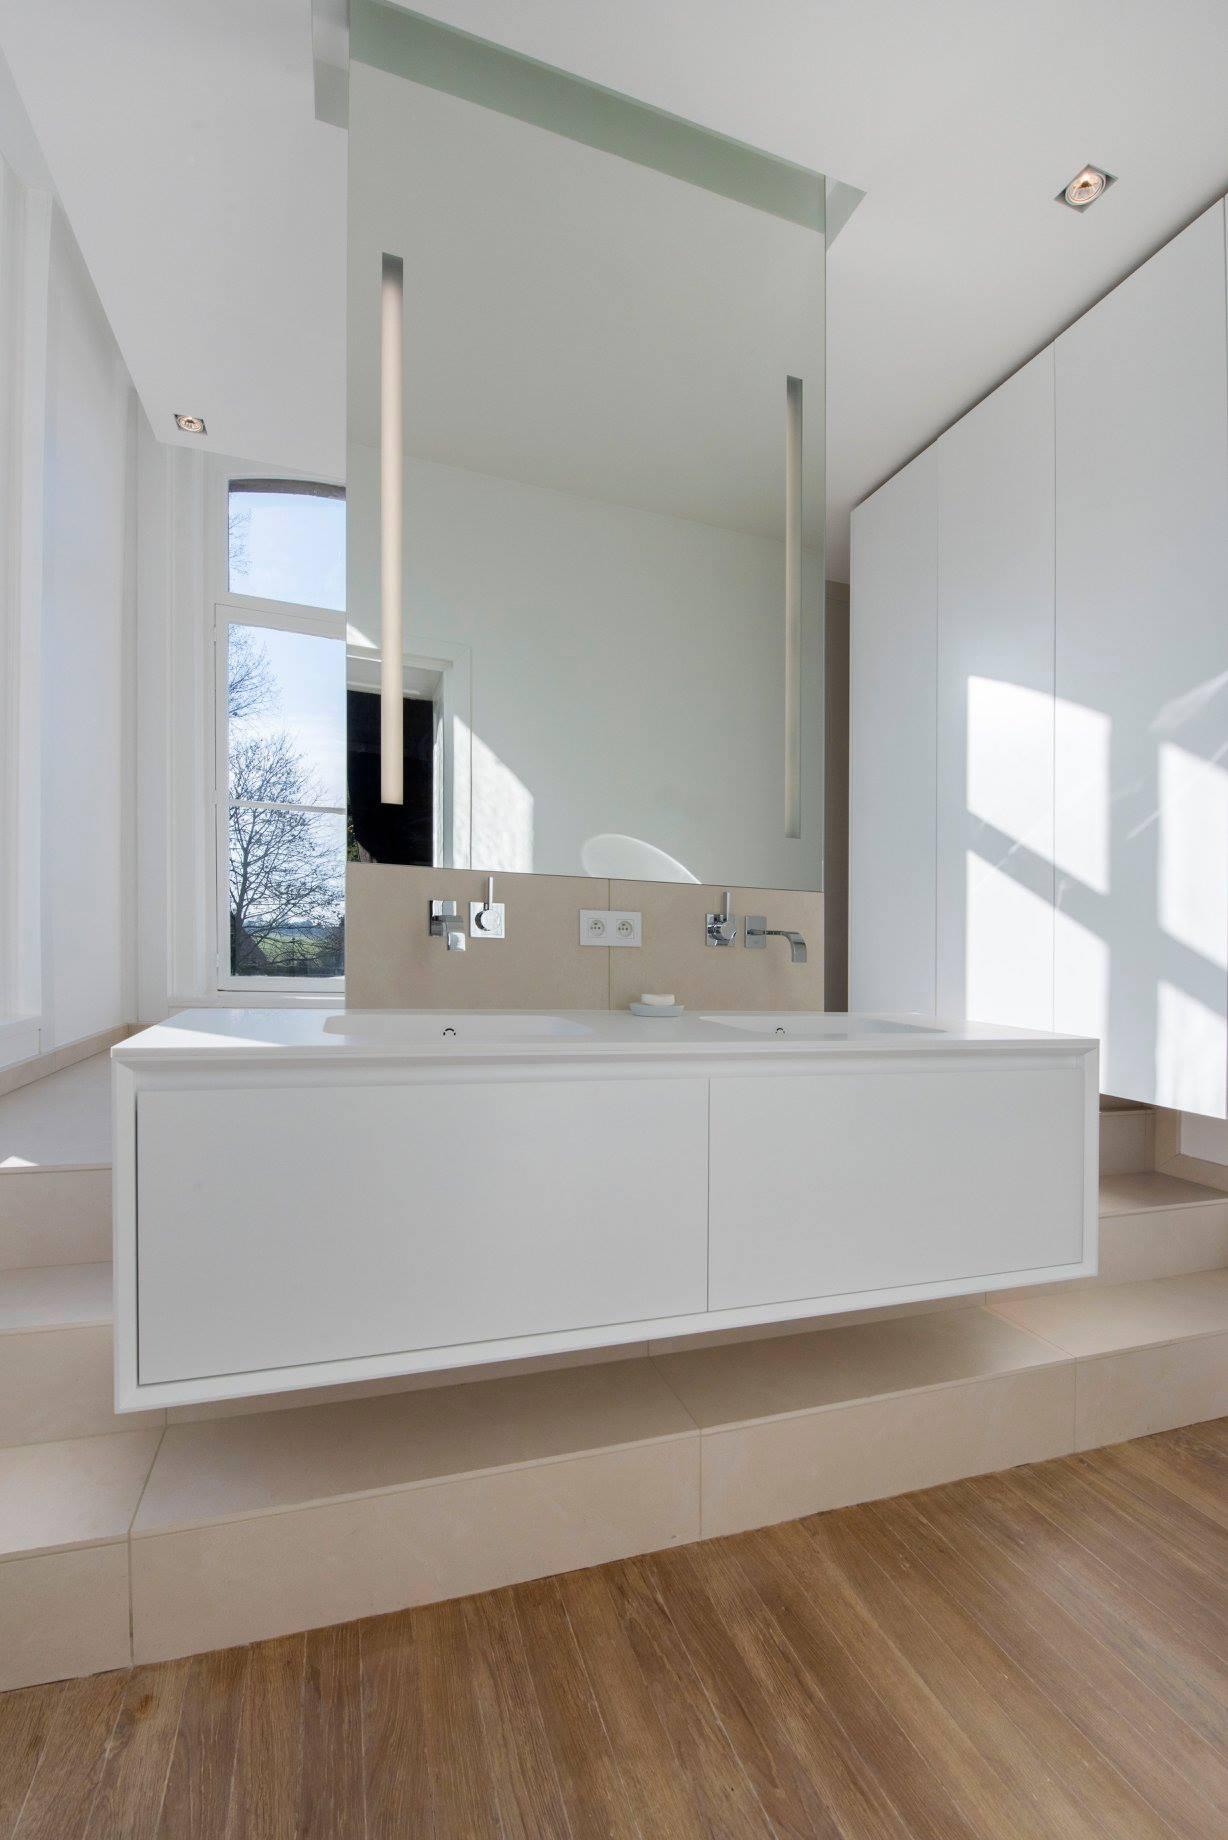 Aménagement Intérieur Salle Bain design et pose de salles de bain, fabrication, aménagement